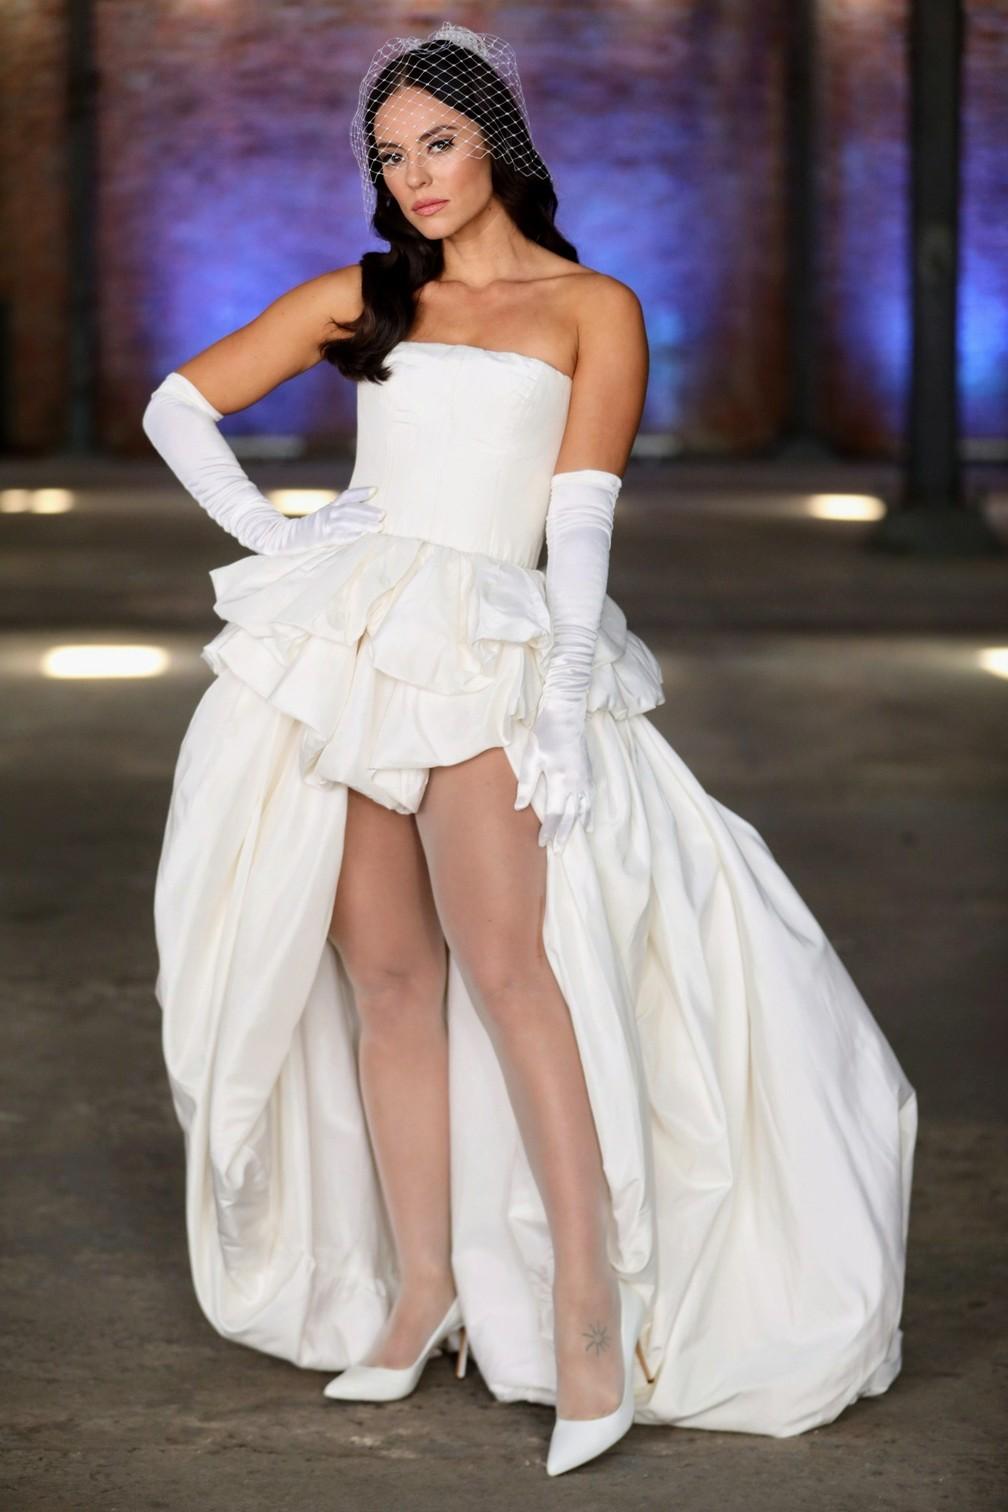 Vivi Guedes Escolhe Vestido De Noiva Ousado Veja As Fotos